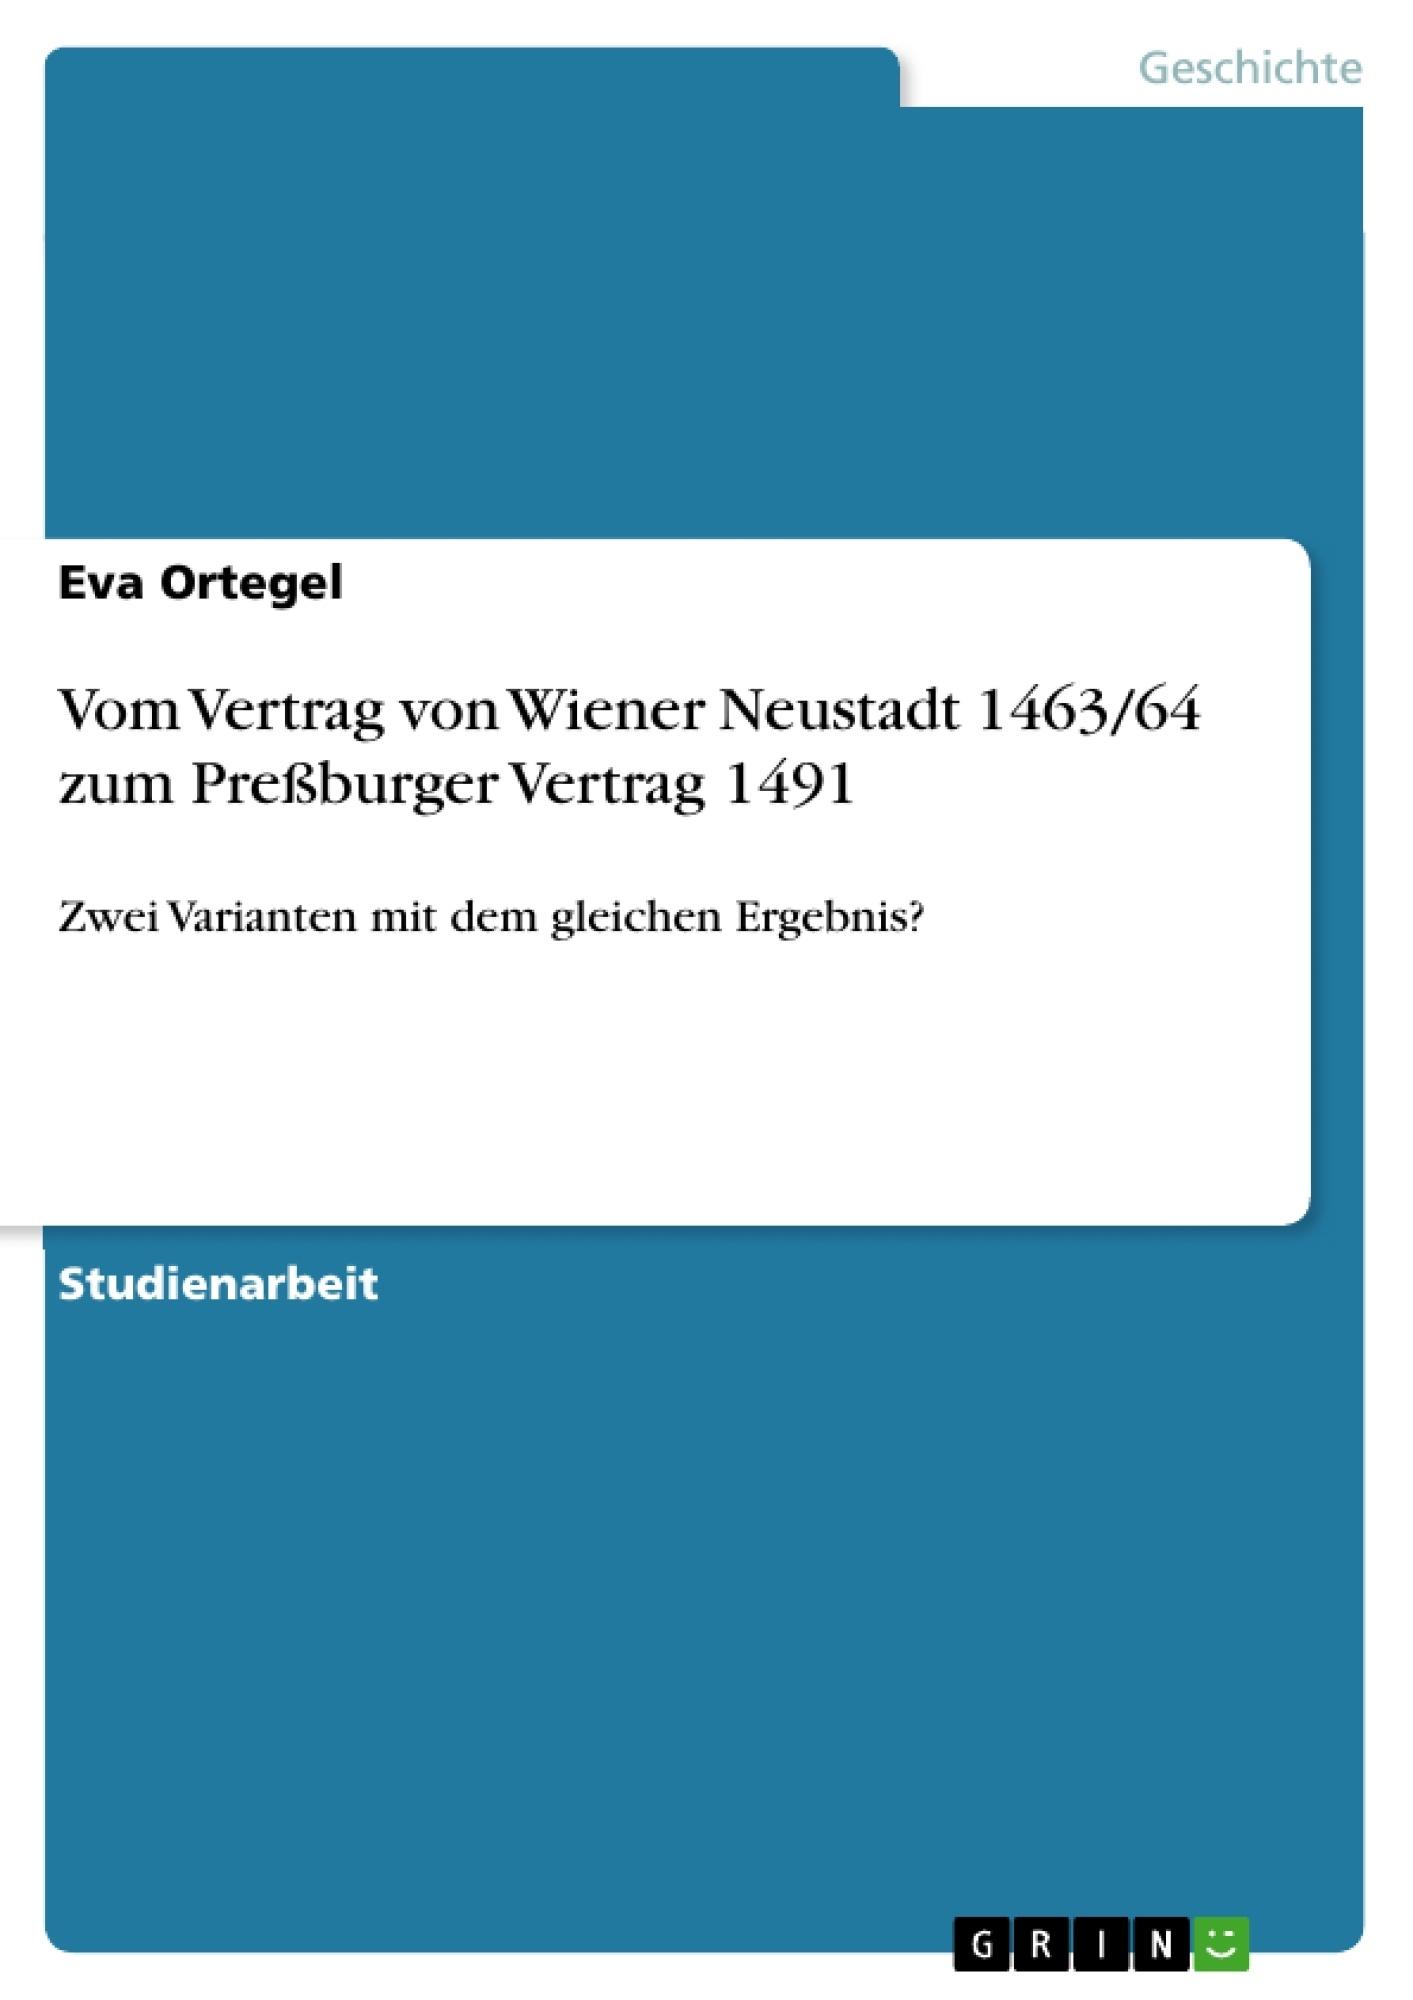 Titel: Vom Vertrag von Wiener Neustadt 1463/64 zum Preßburger Vertrag 1491